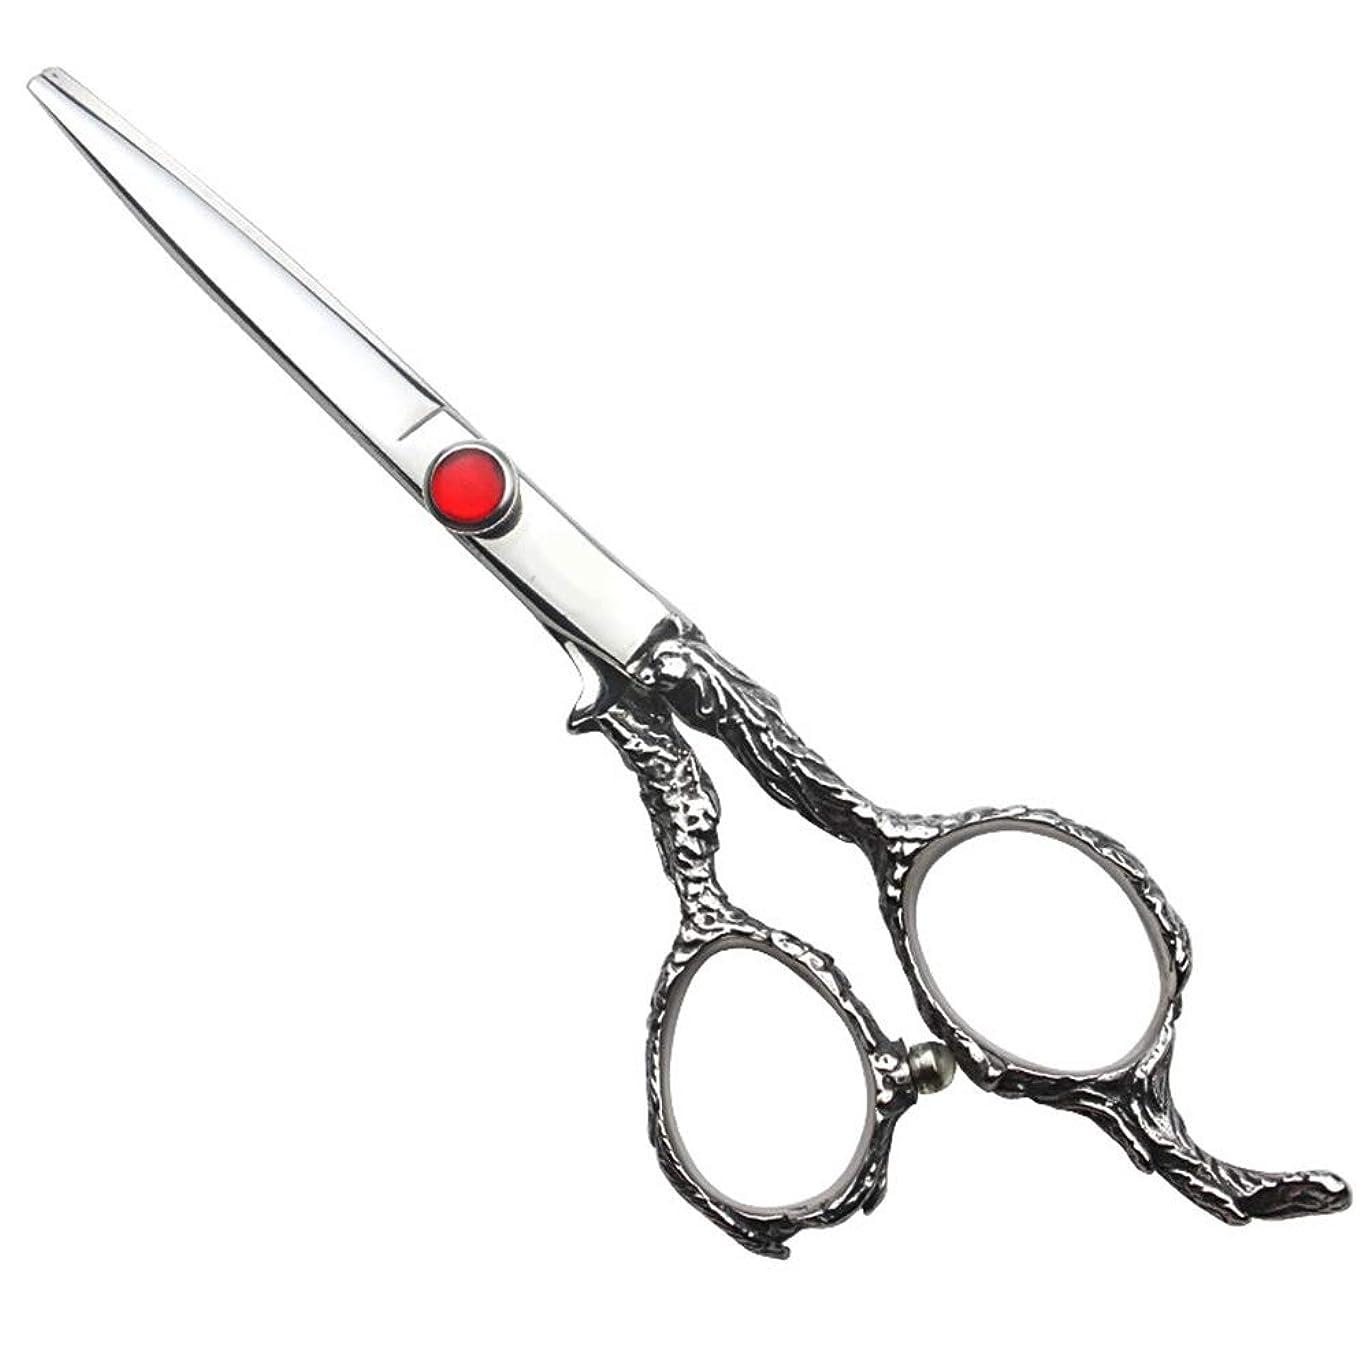 ミニチュア好み独立した家族6インチの理髪はさみ、美容院の専門のヘアカットの直線はさみ モデリングツール (色 : Silver)